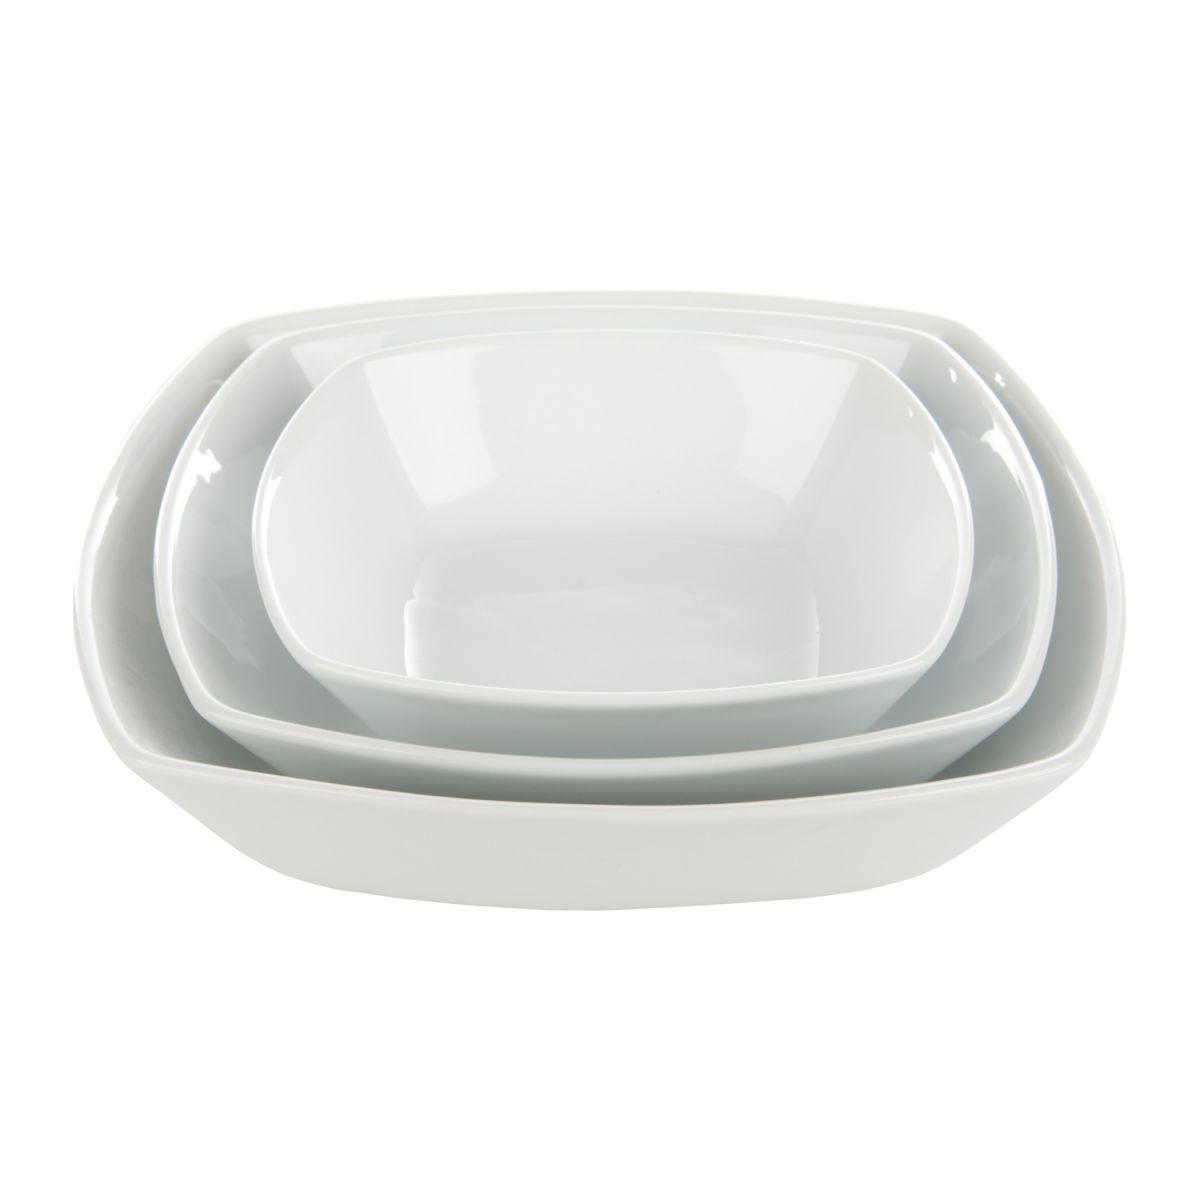 bowl salad square 23x23x6cm box6